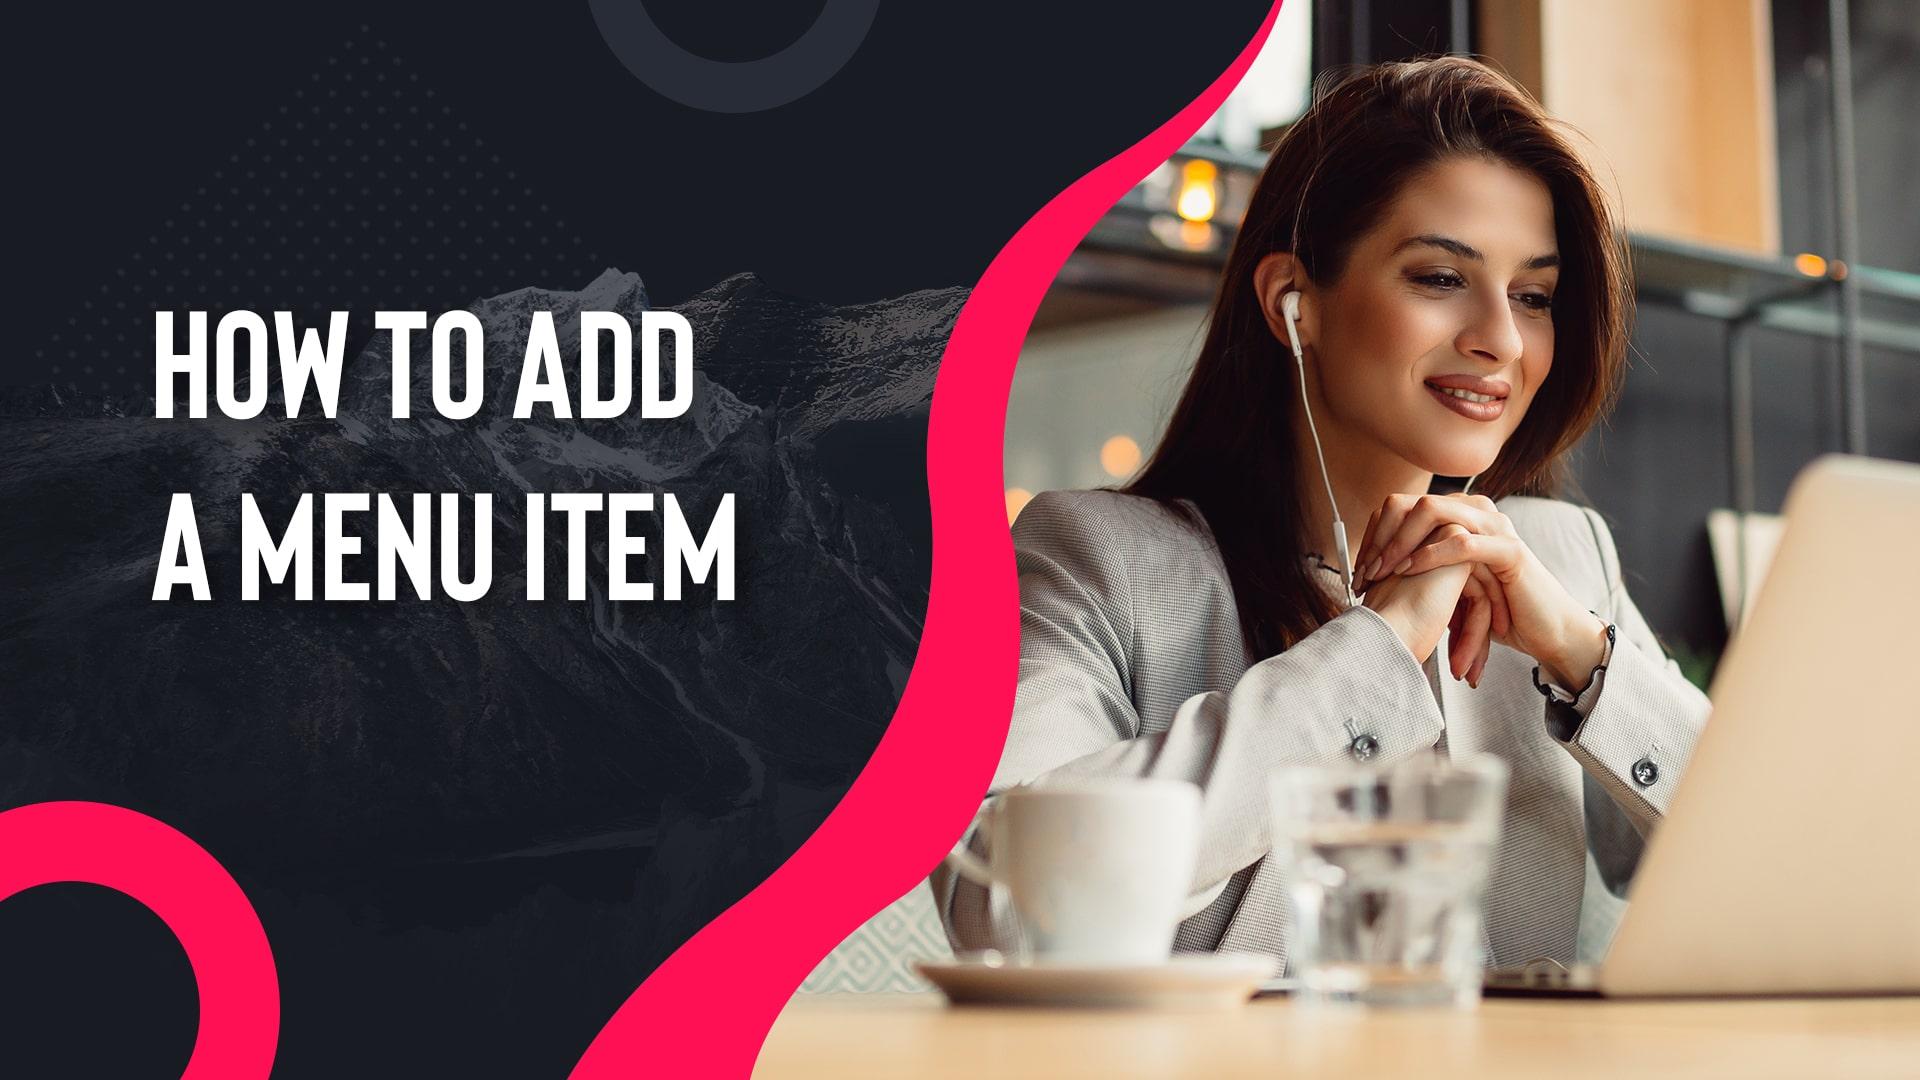 How-to-add-a-menu-item